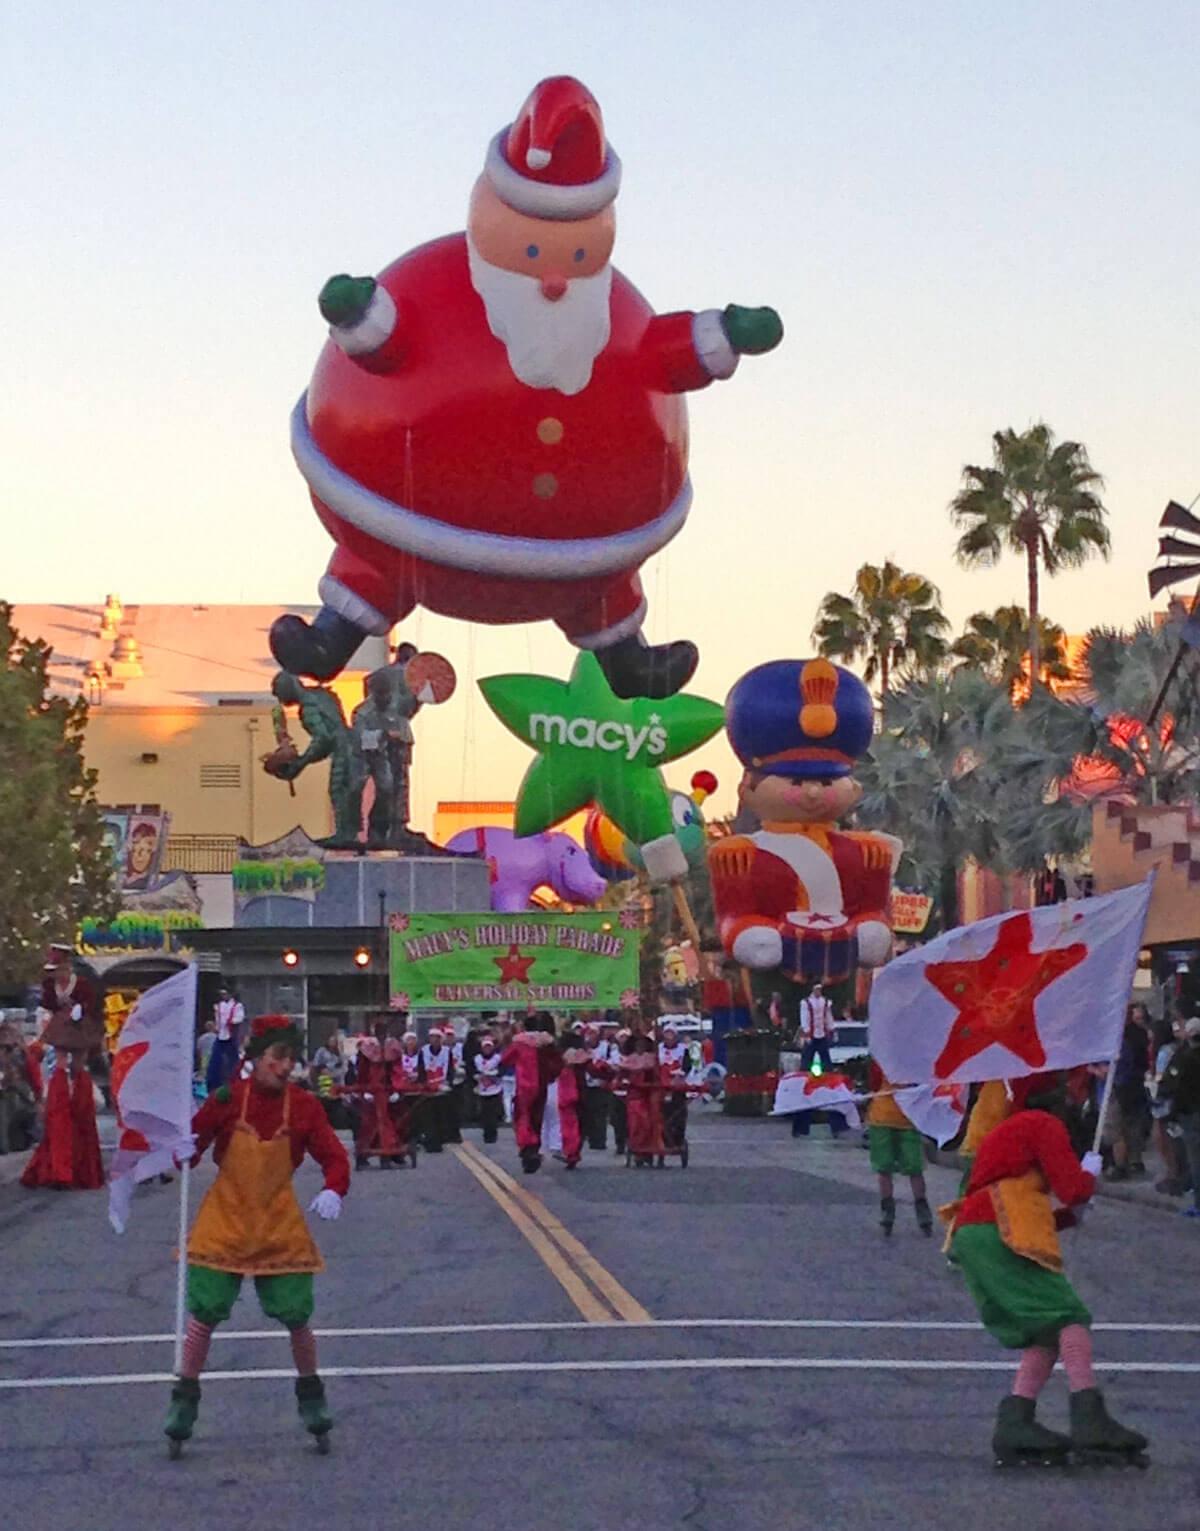 Universal Orlando Holiday - Macy's Parade